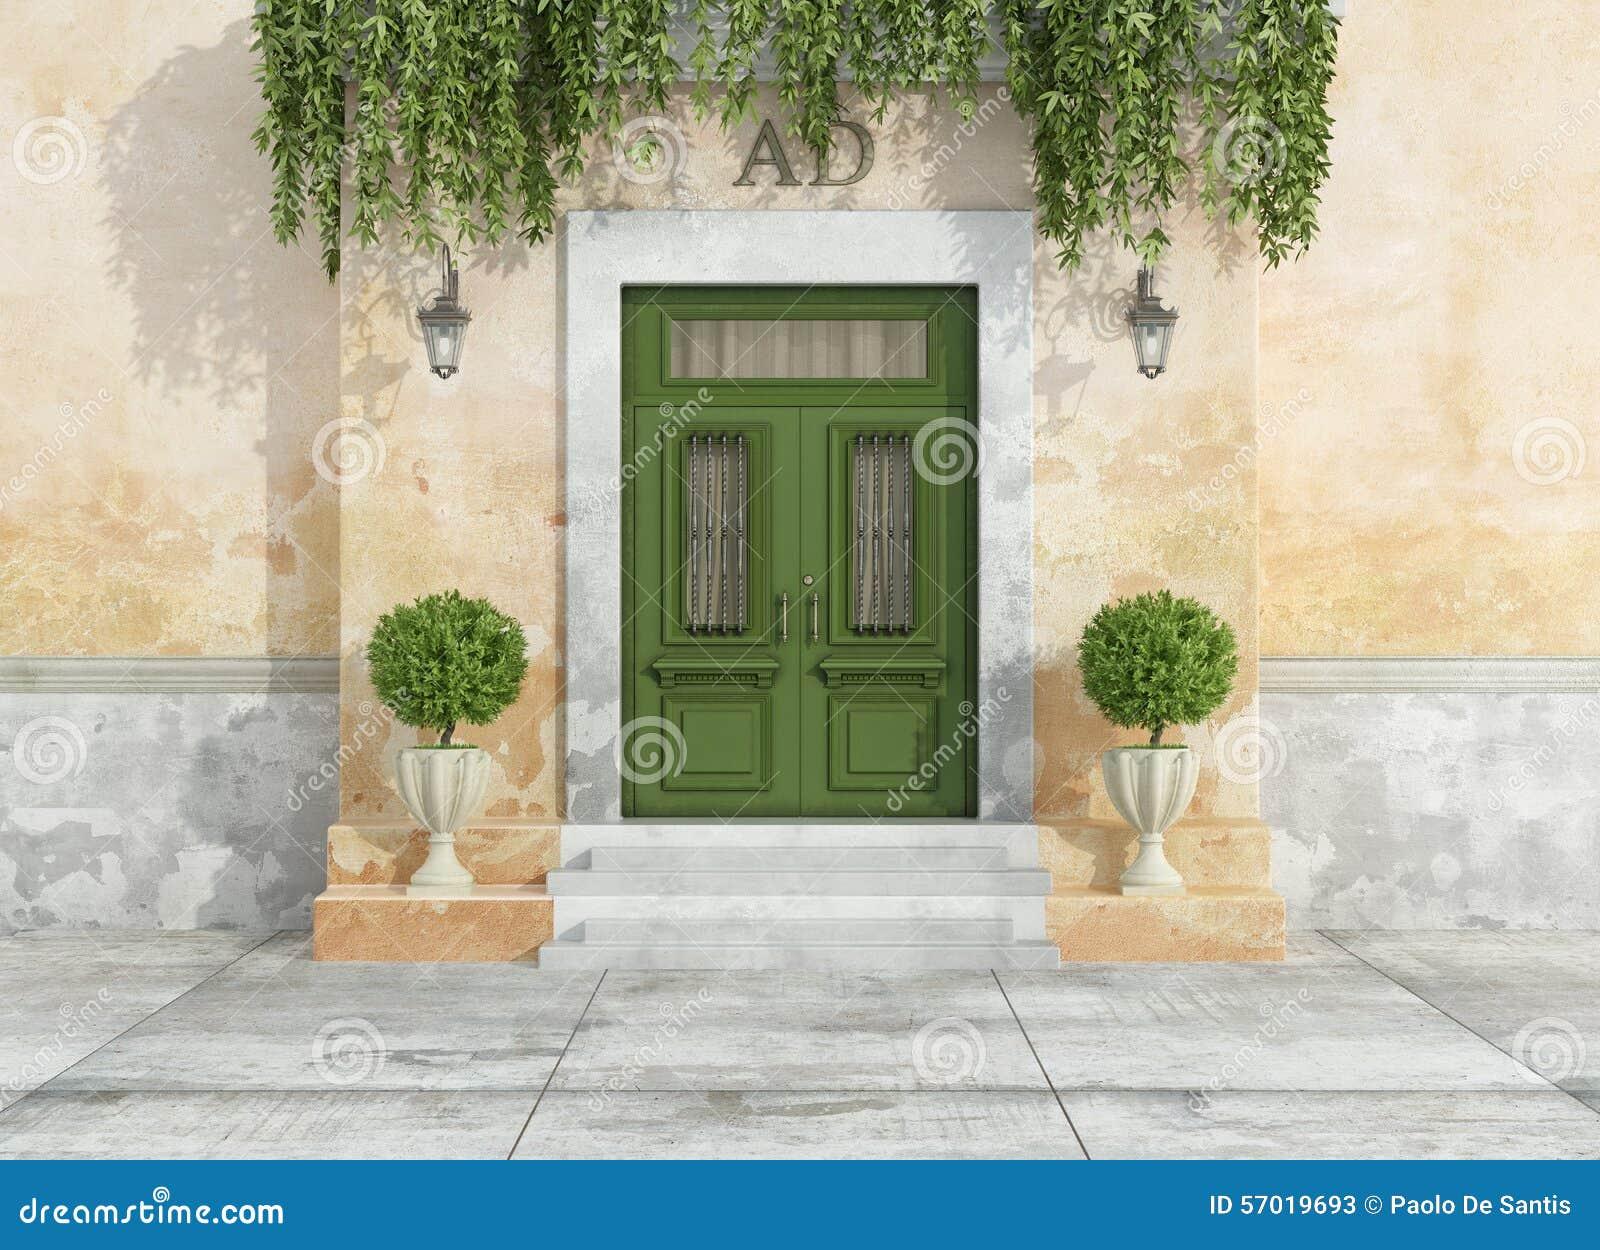 Entr e ext rieure d 39 une maison de campagne illustration for Entree d une maison